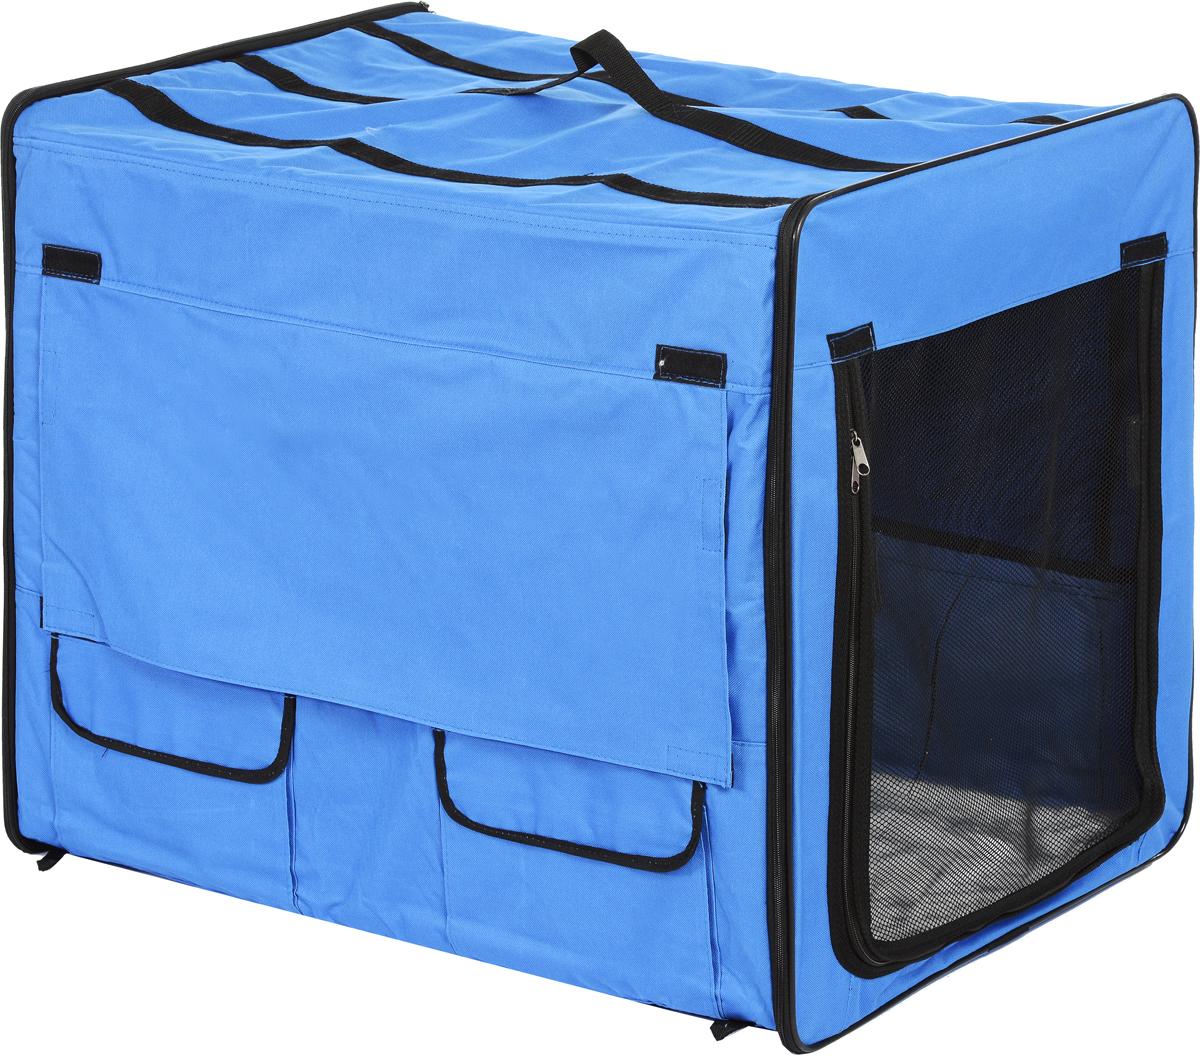 Клетка для животных  Заря-Плюс , выставочная, цвет: голубой, черный, 75 х 60 х 50 см - Клетки, вольеры, будки